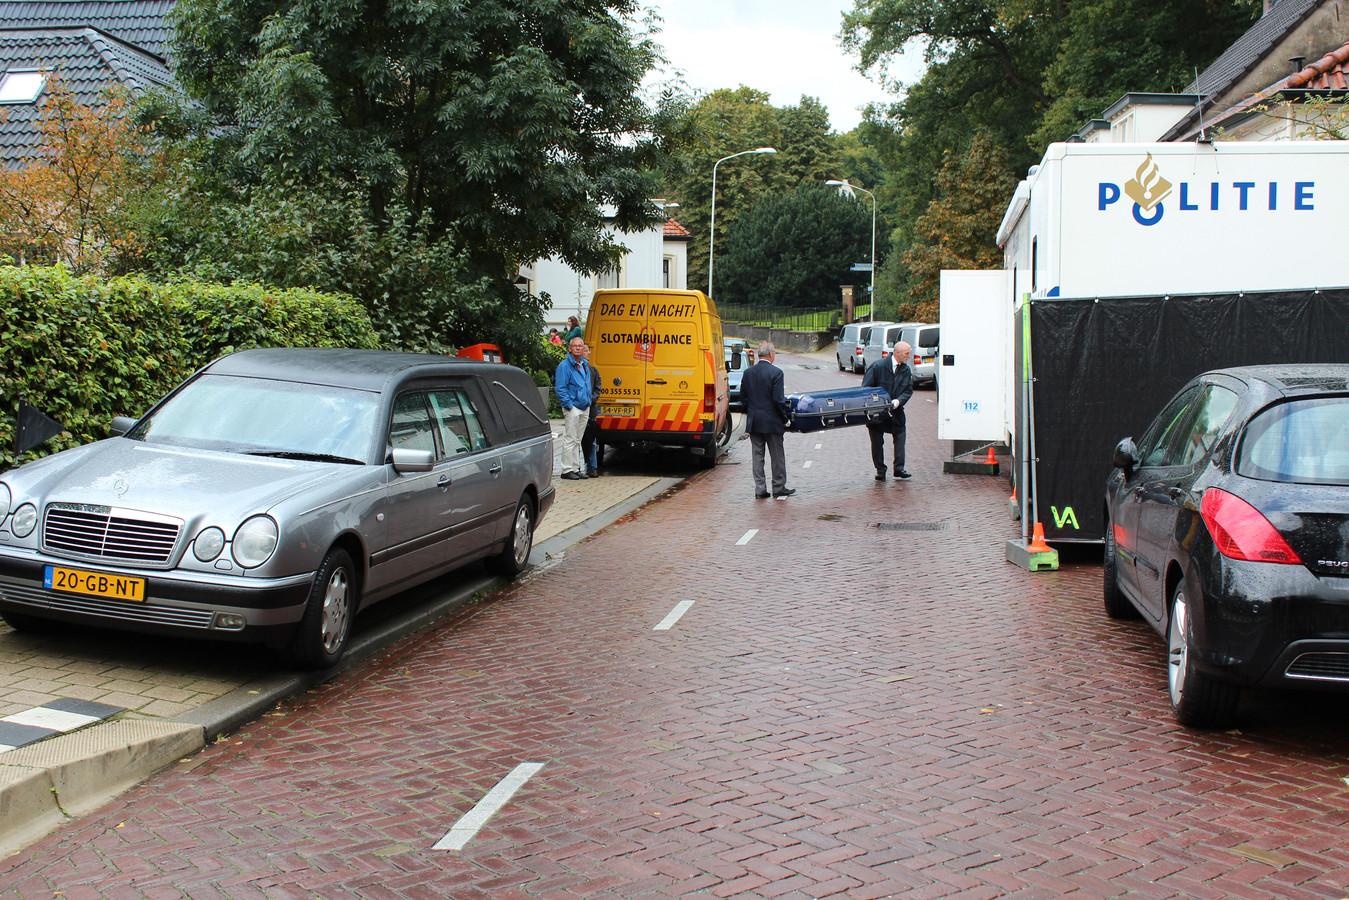 De politie onderzoek de dood van dominee Dick Piersma in zijn woning aan de Rijksstraatweg in Ubbergen.